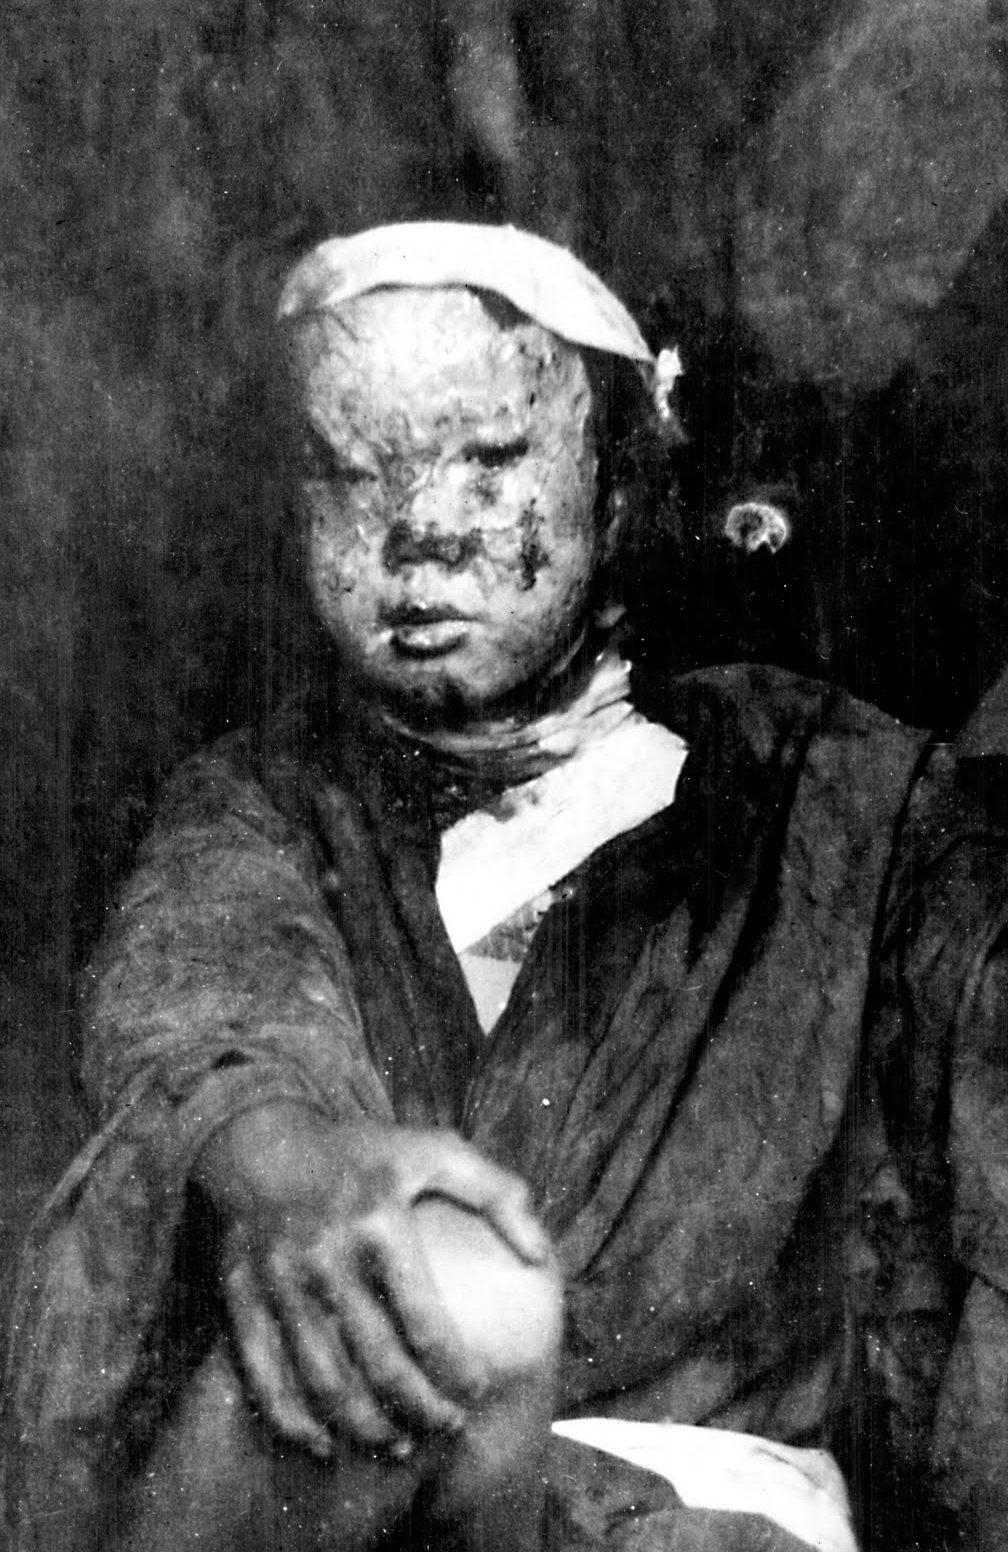 Ожоги от взрыва. Август 1945 г.